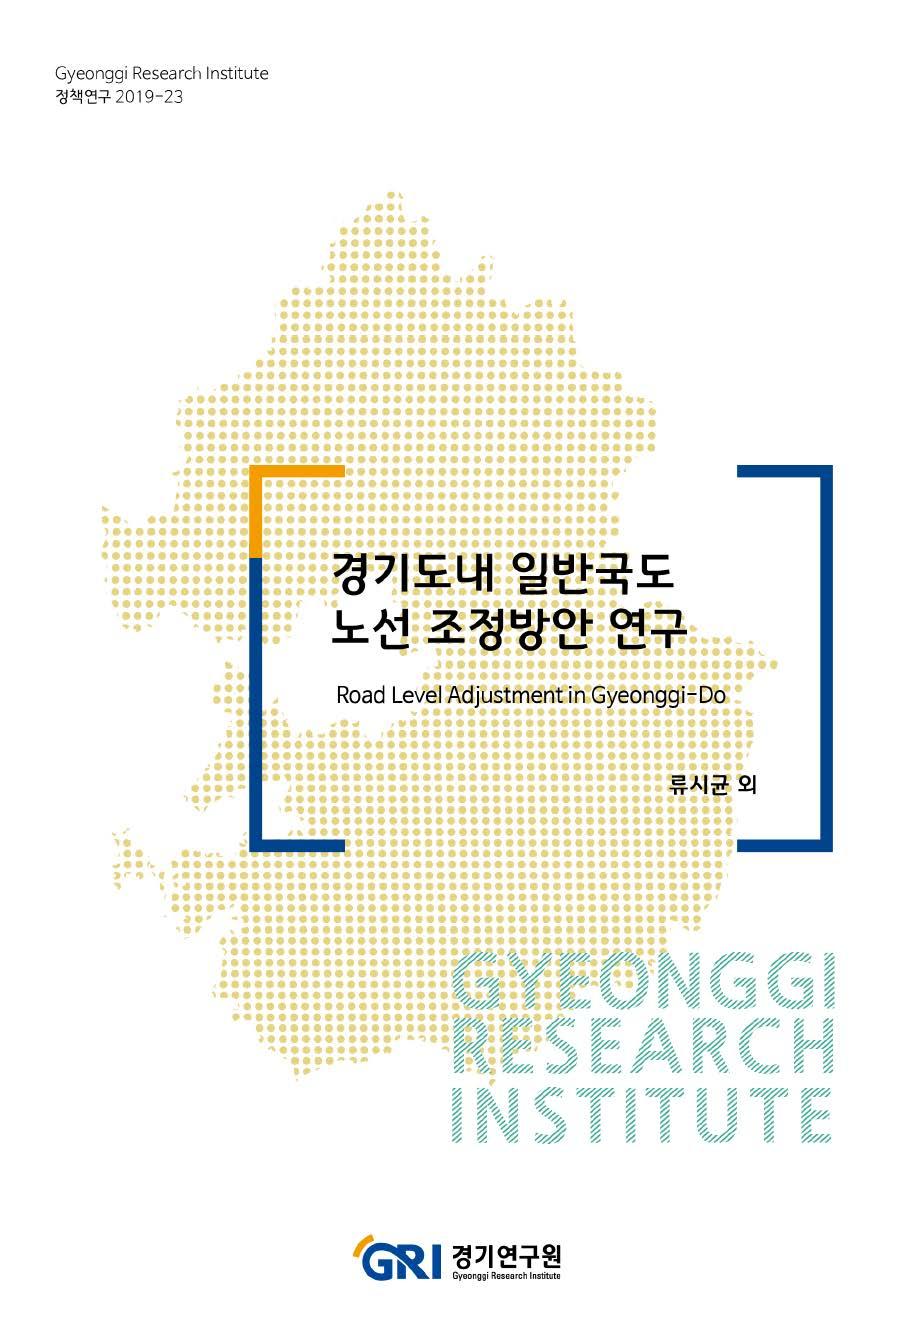 경기도내 일반국도 노선 조정방안 연구